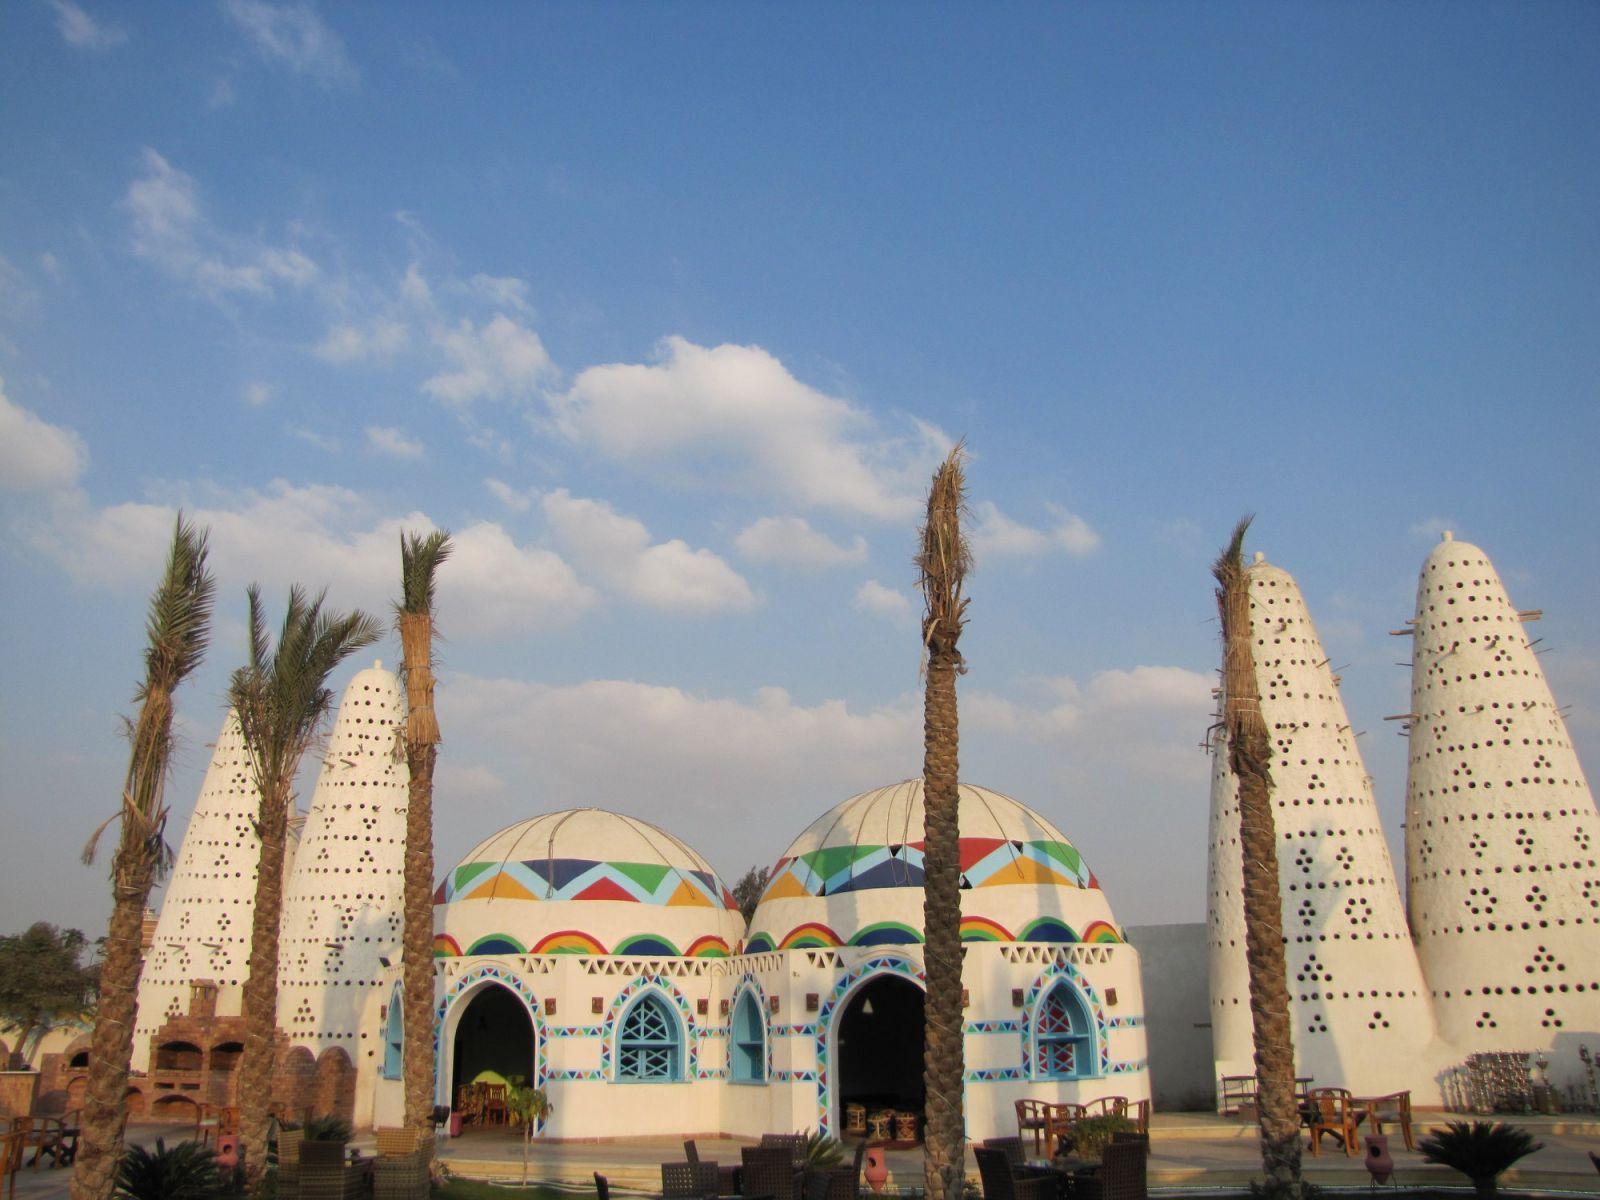 القرية النوبية للمأكولات الشرقية بالقاهرة